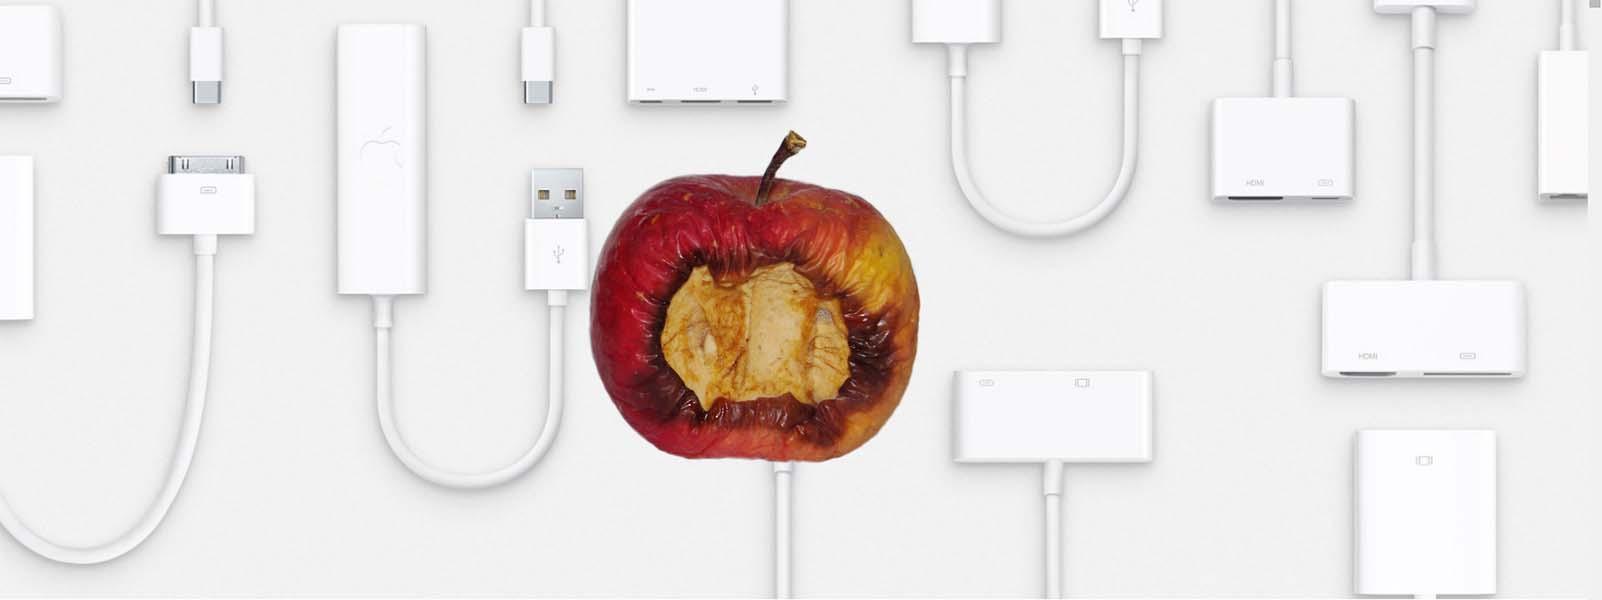 Et råttent eple